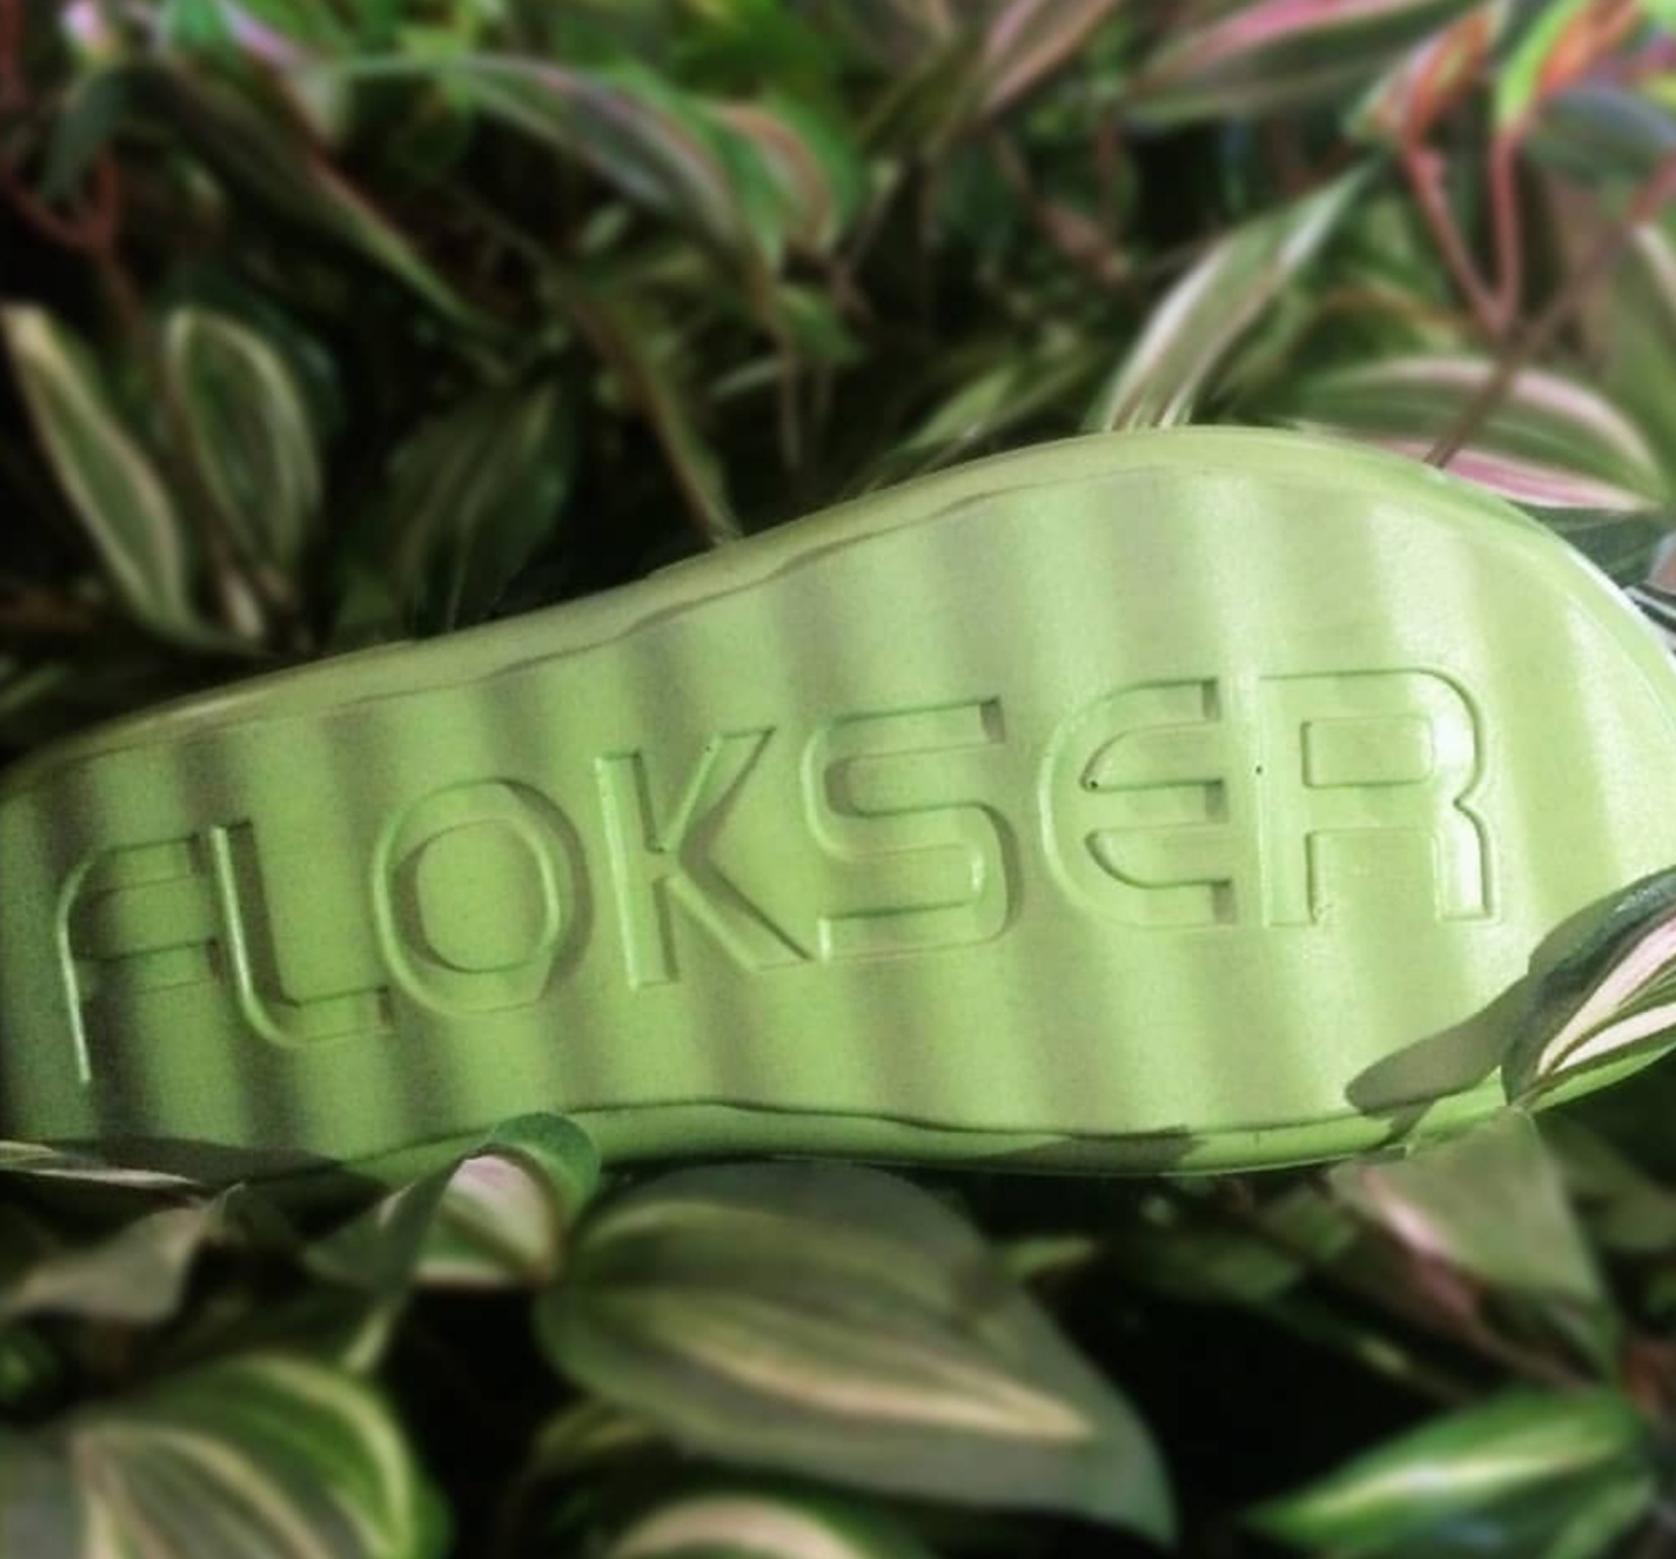 Flokser Kimya Üretim Kapasitesini Yüzde 30 Artırdı